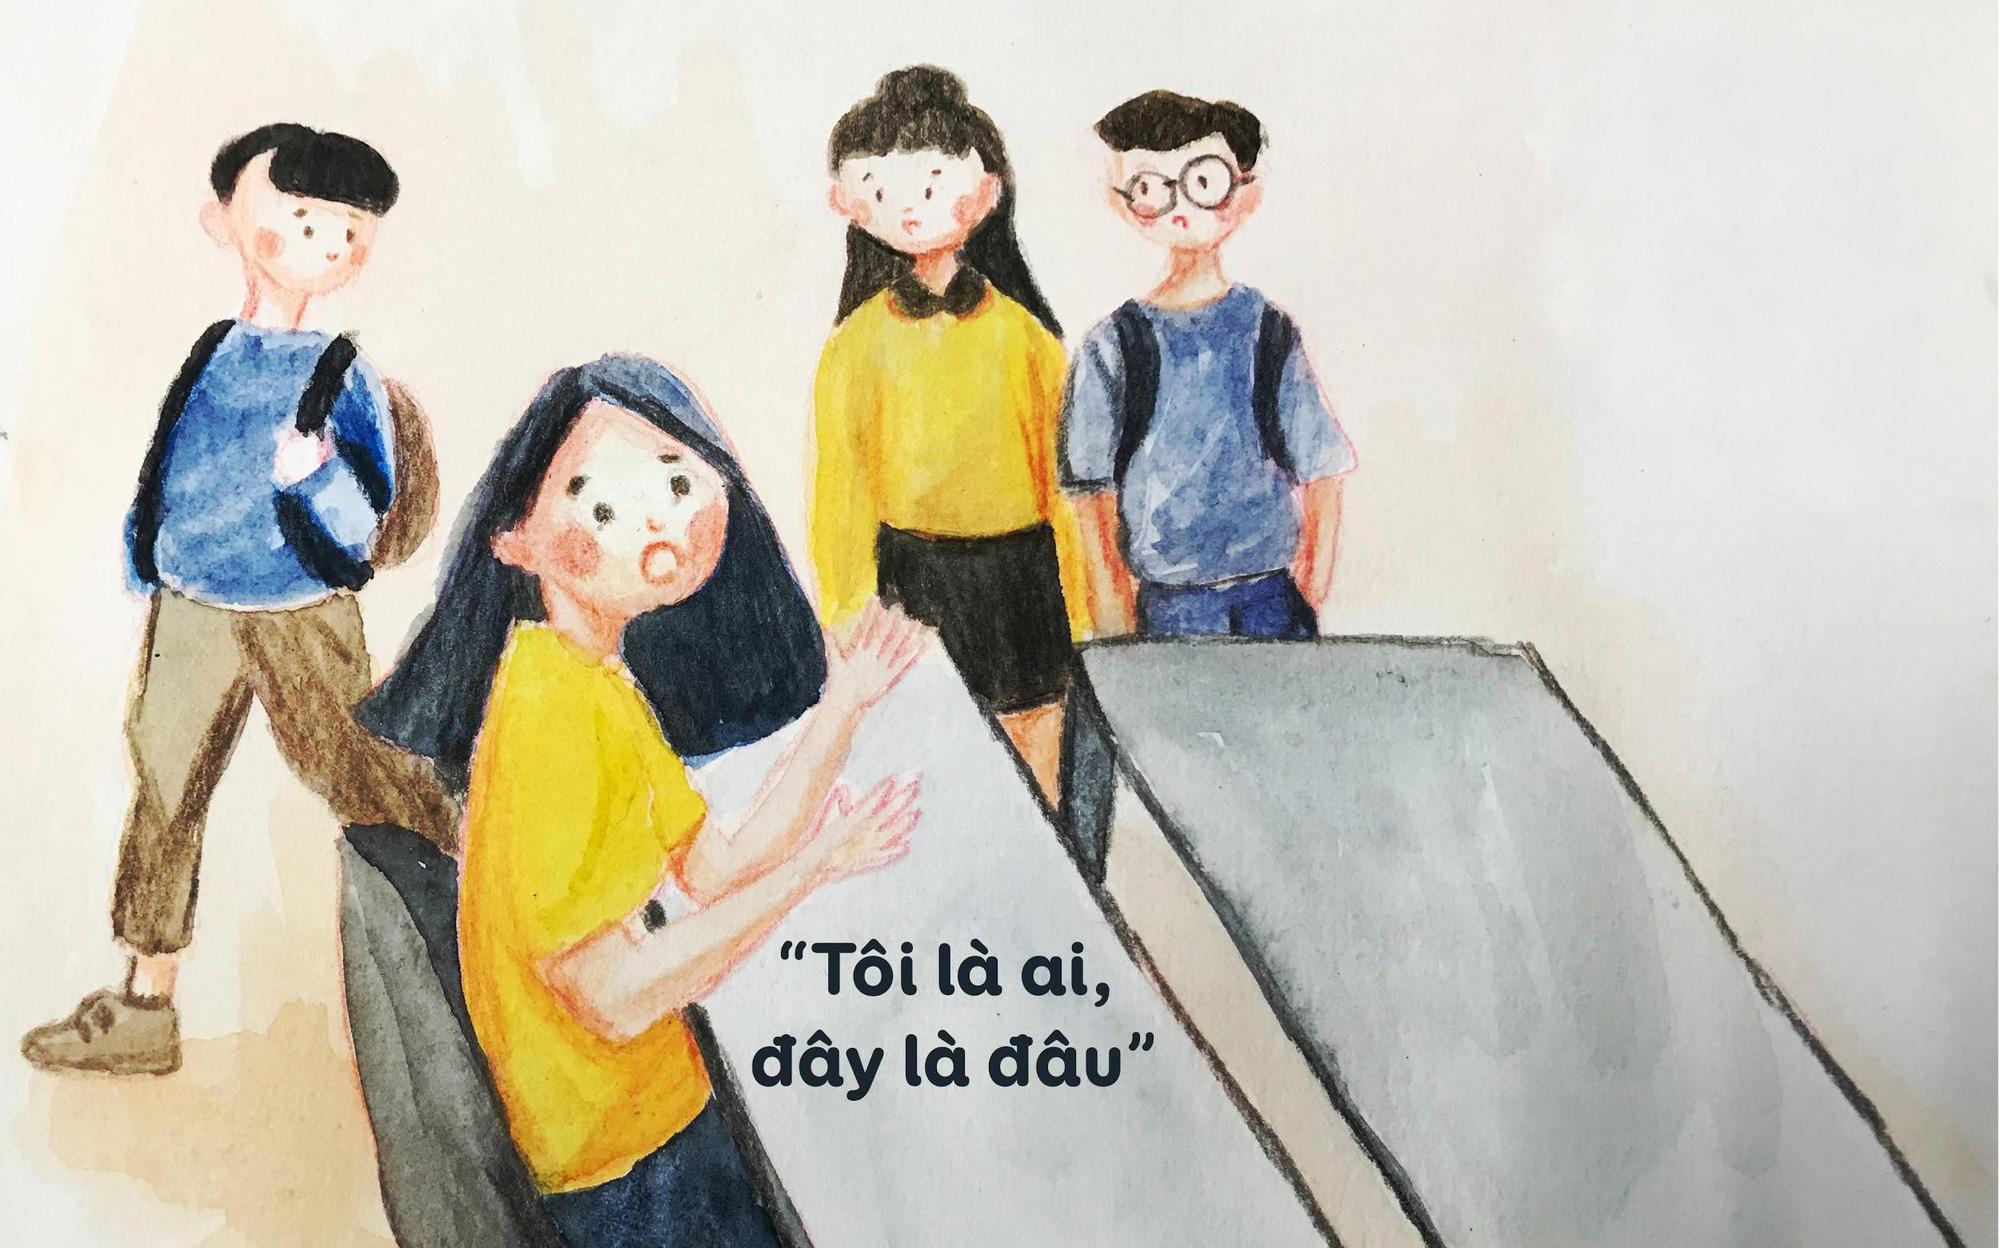 1001 câu chuyện dở khóc dở cười mà chỉ sinh viên mới trải qua - Ảnh 2.